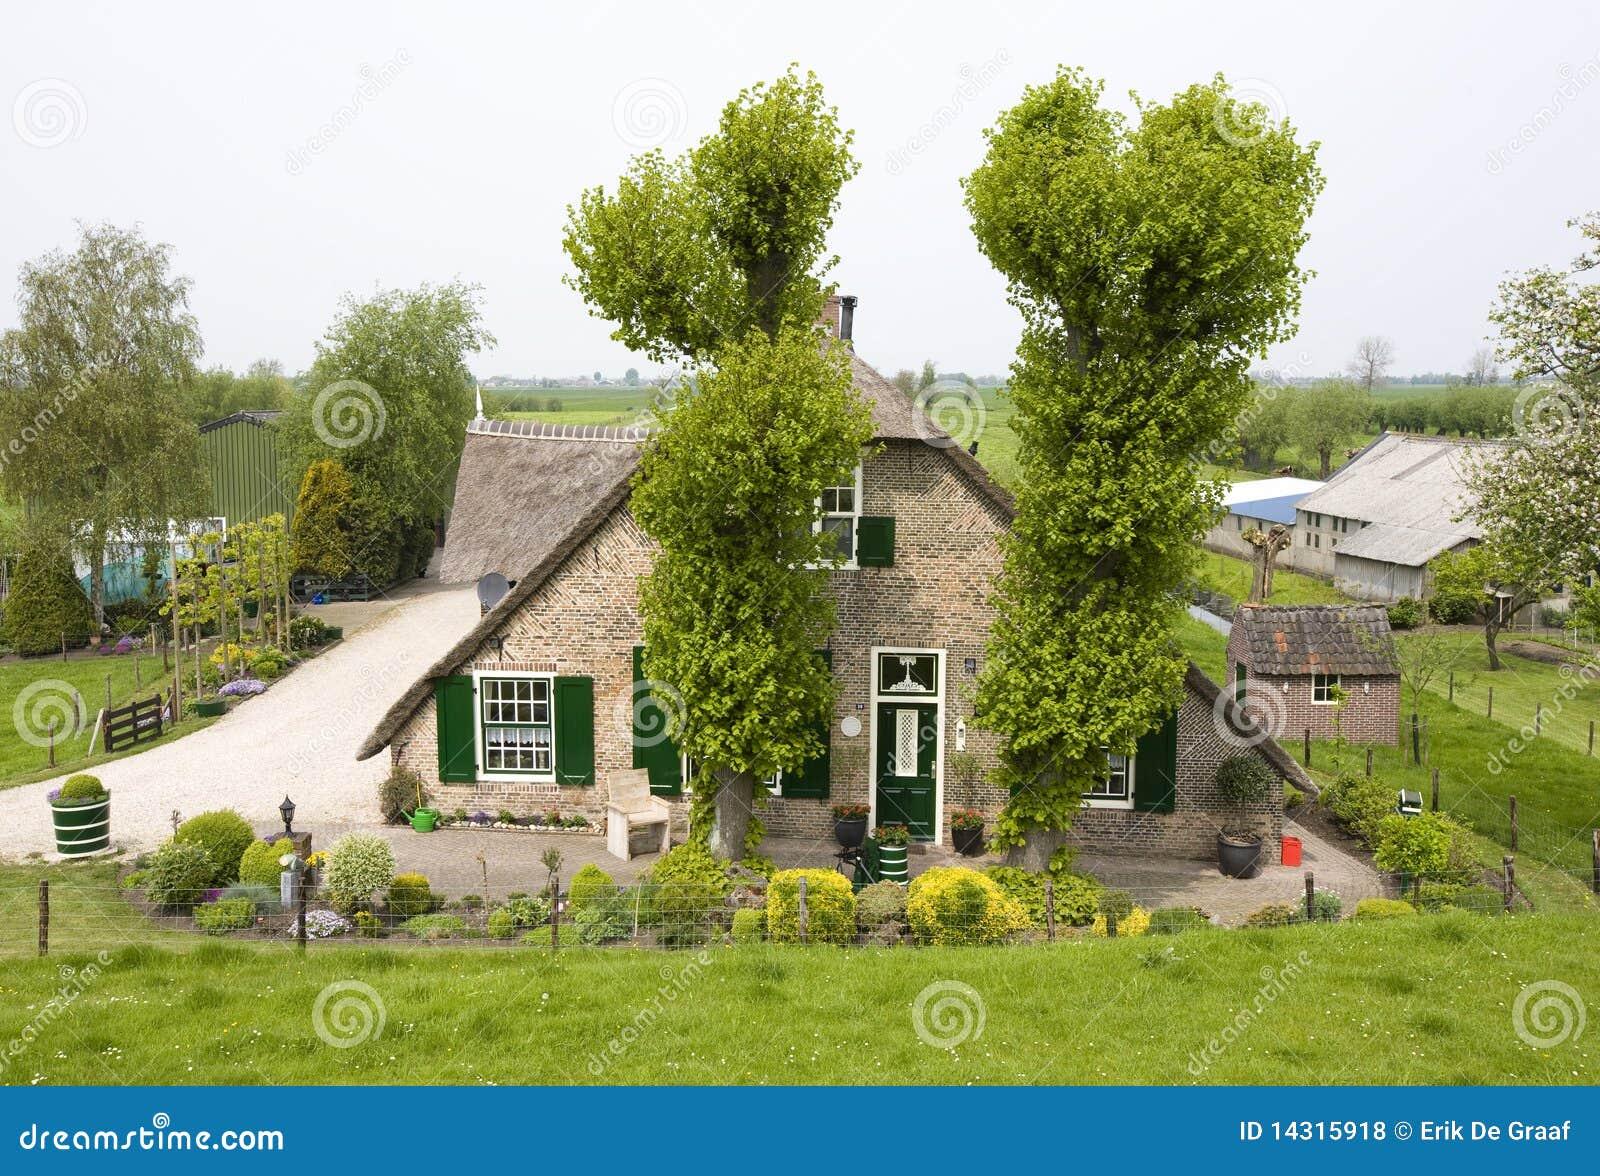 Dutch farm house royalty free stock photos image 14315918 Farm house netherlands